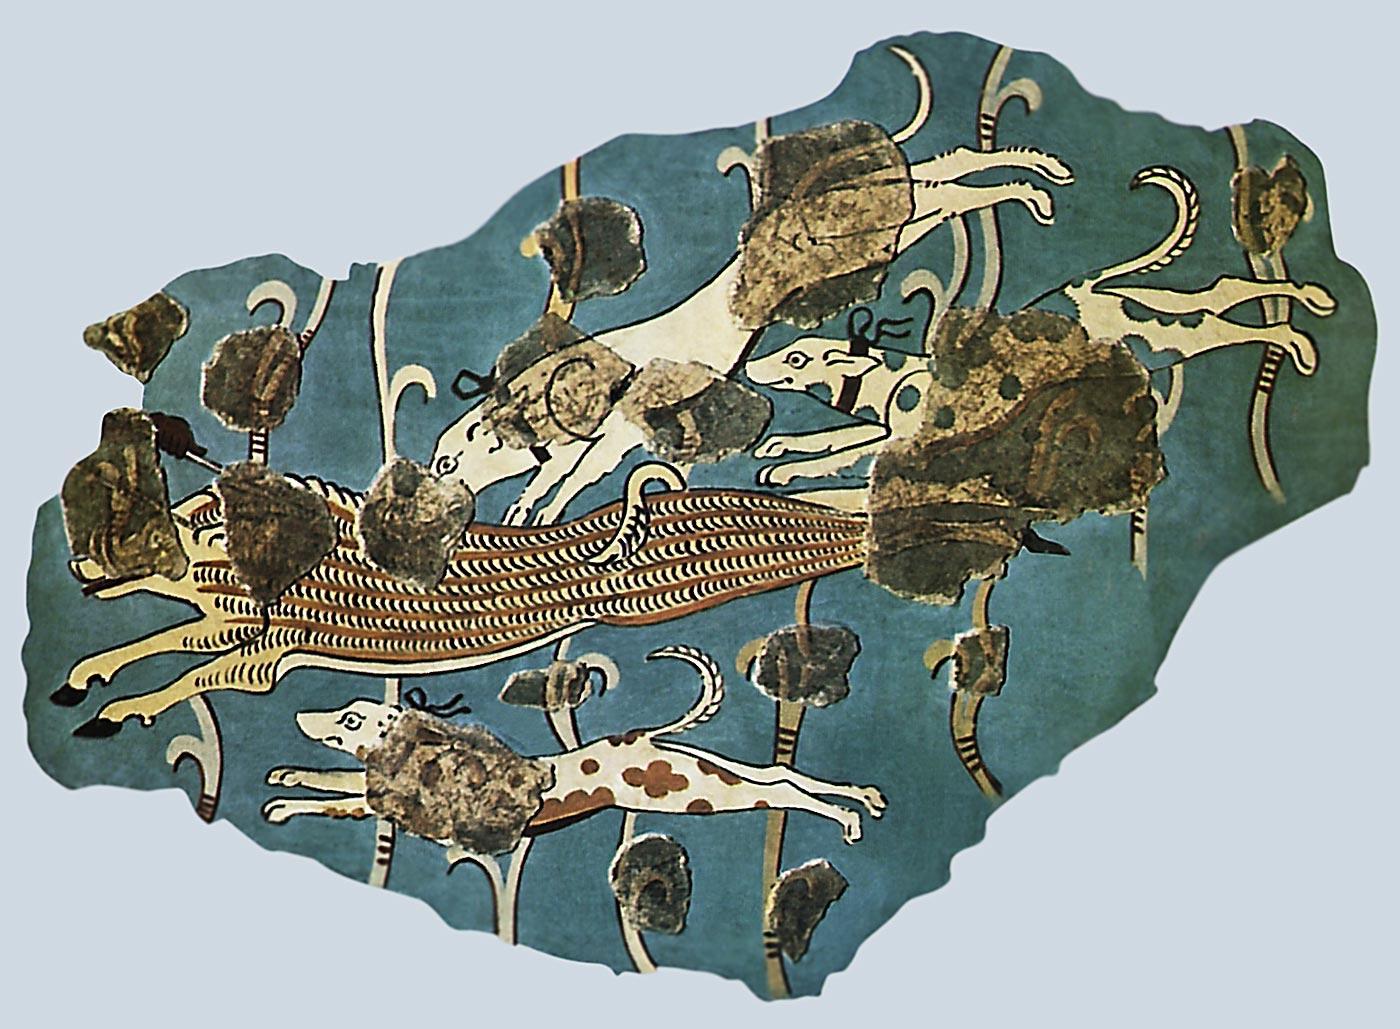 нравится, картинки крито-микенский период фотографий личном деле